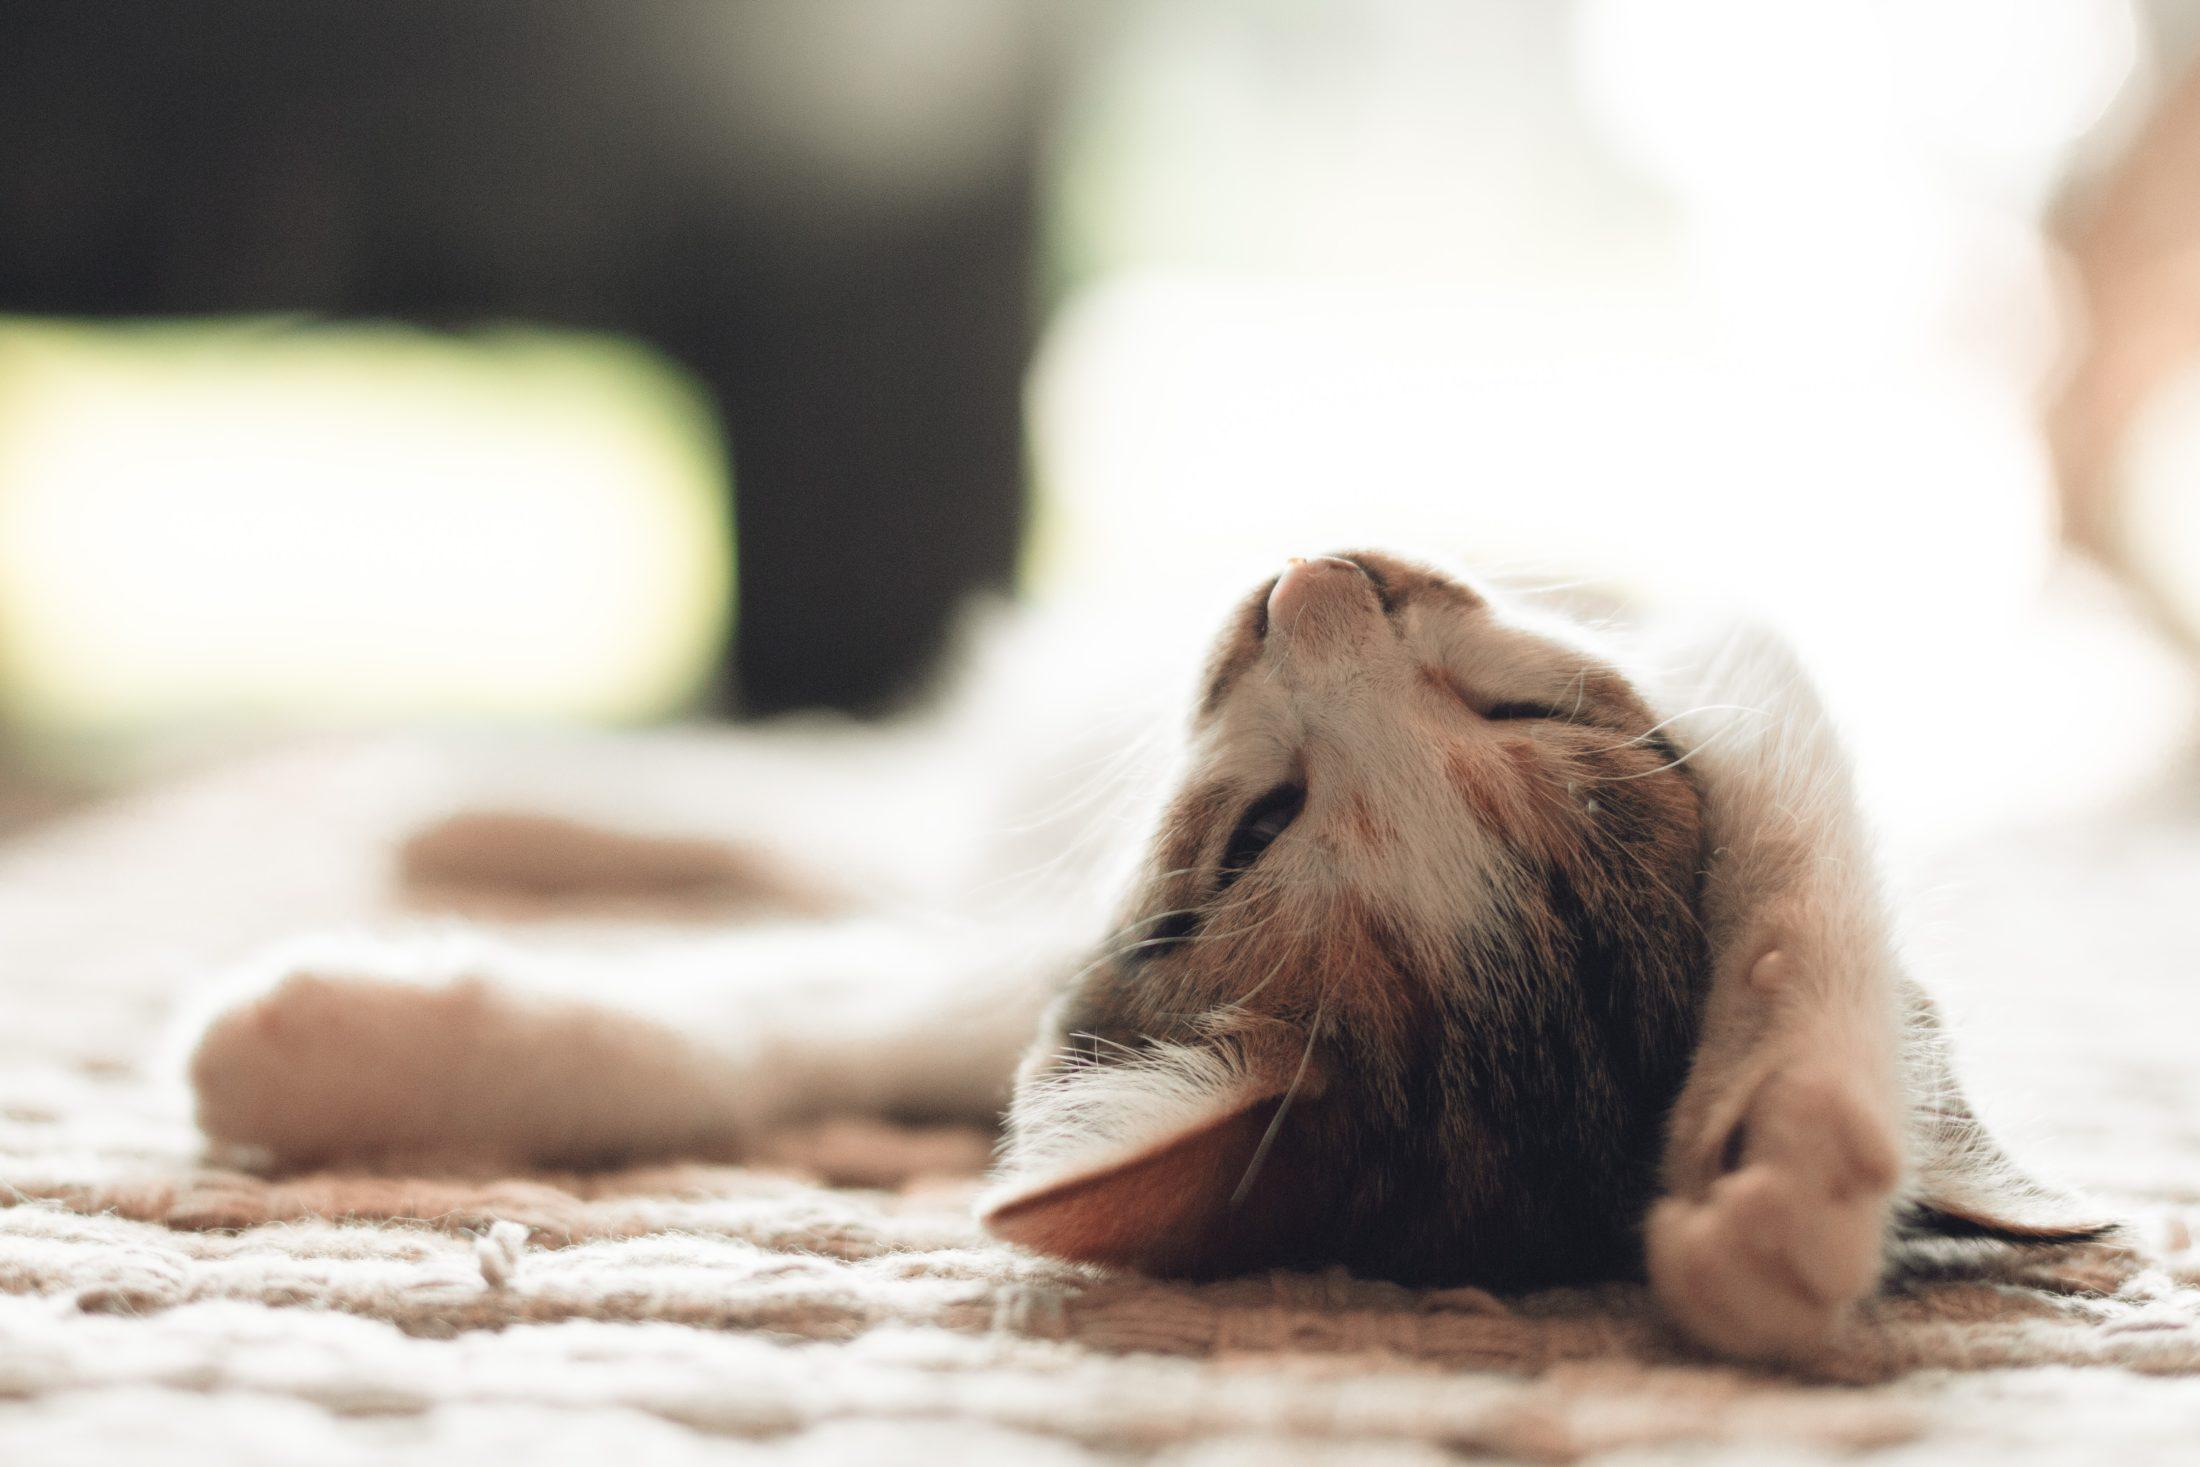 Há sempre um gato para adoção mais adequado a cada estilod e vida.